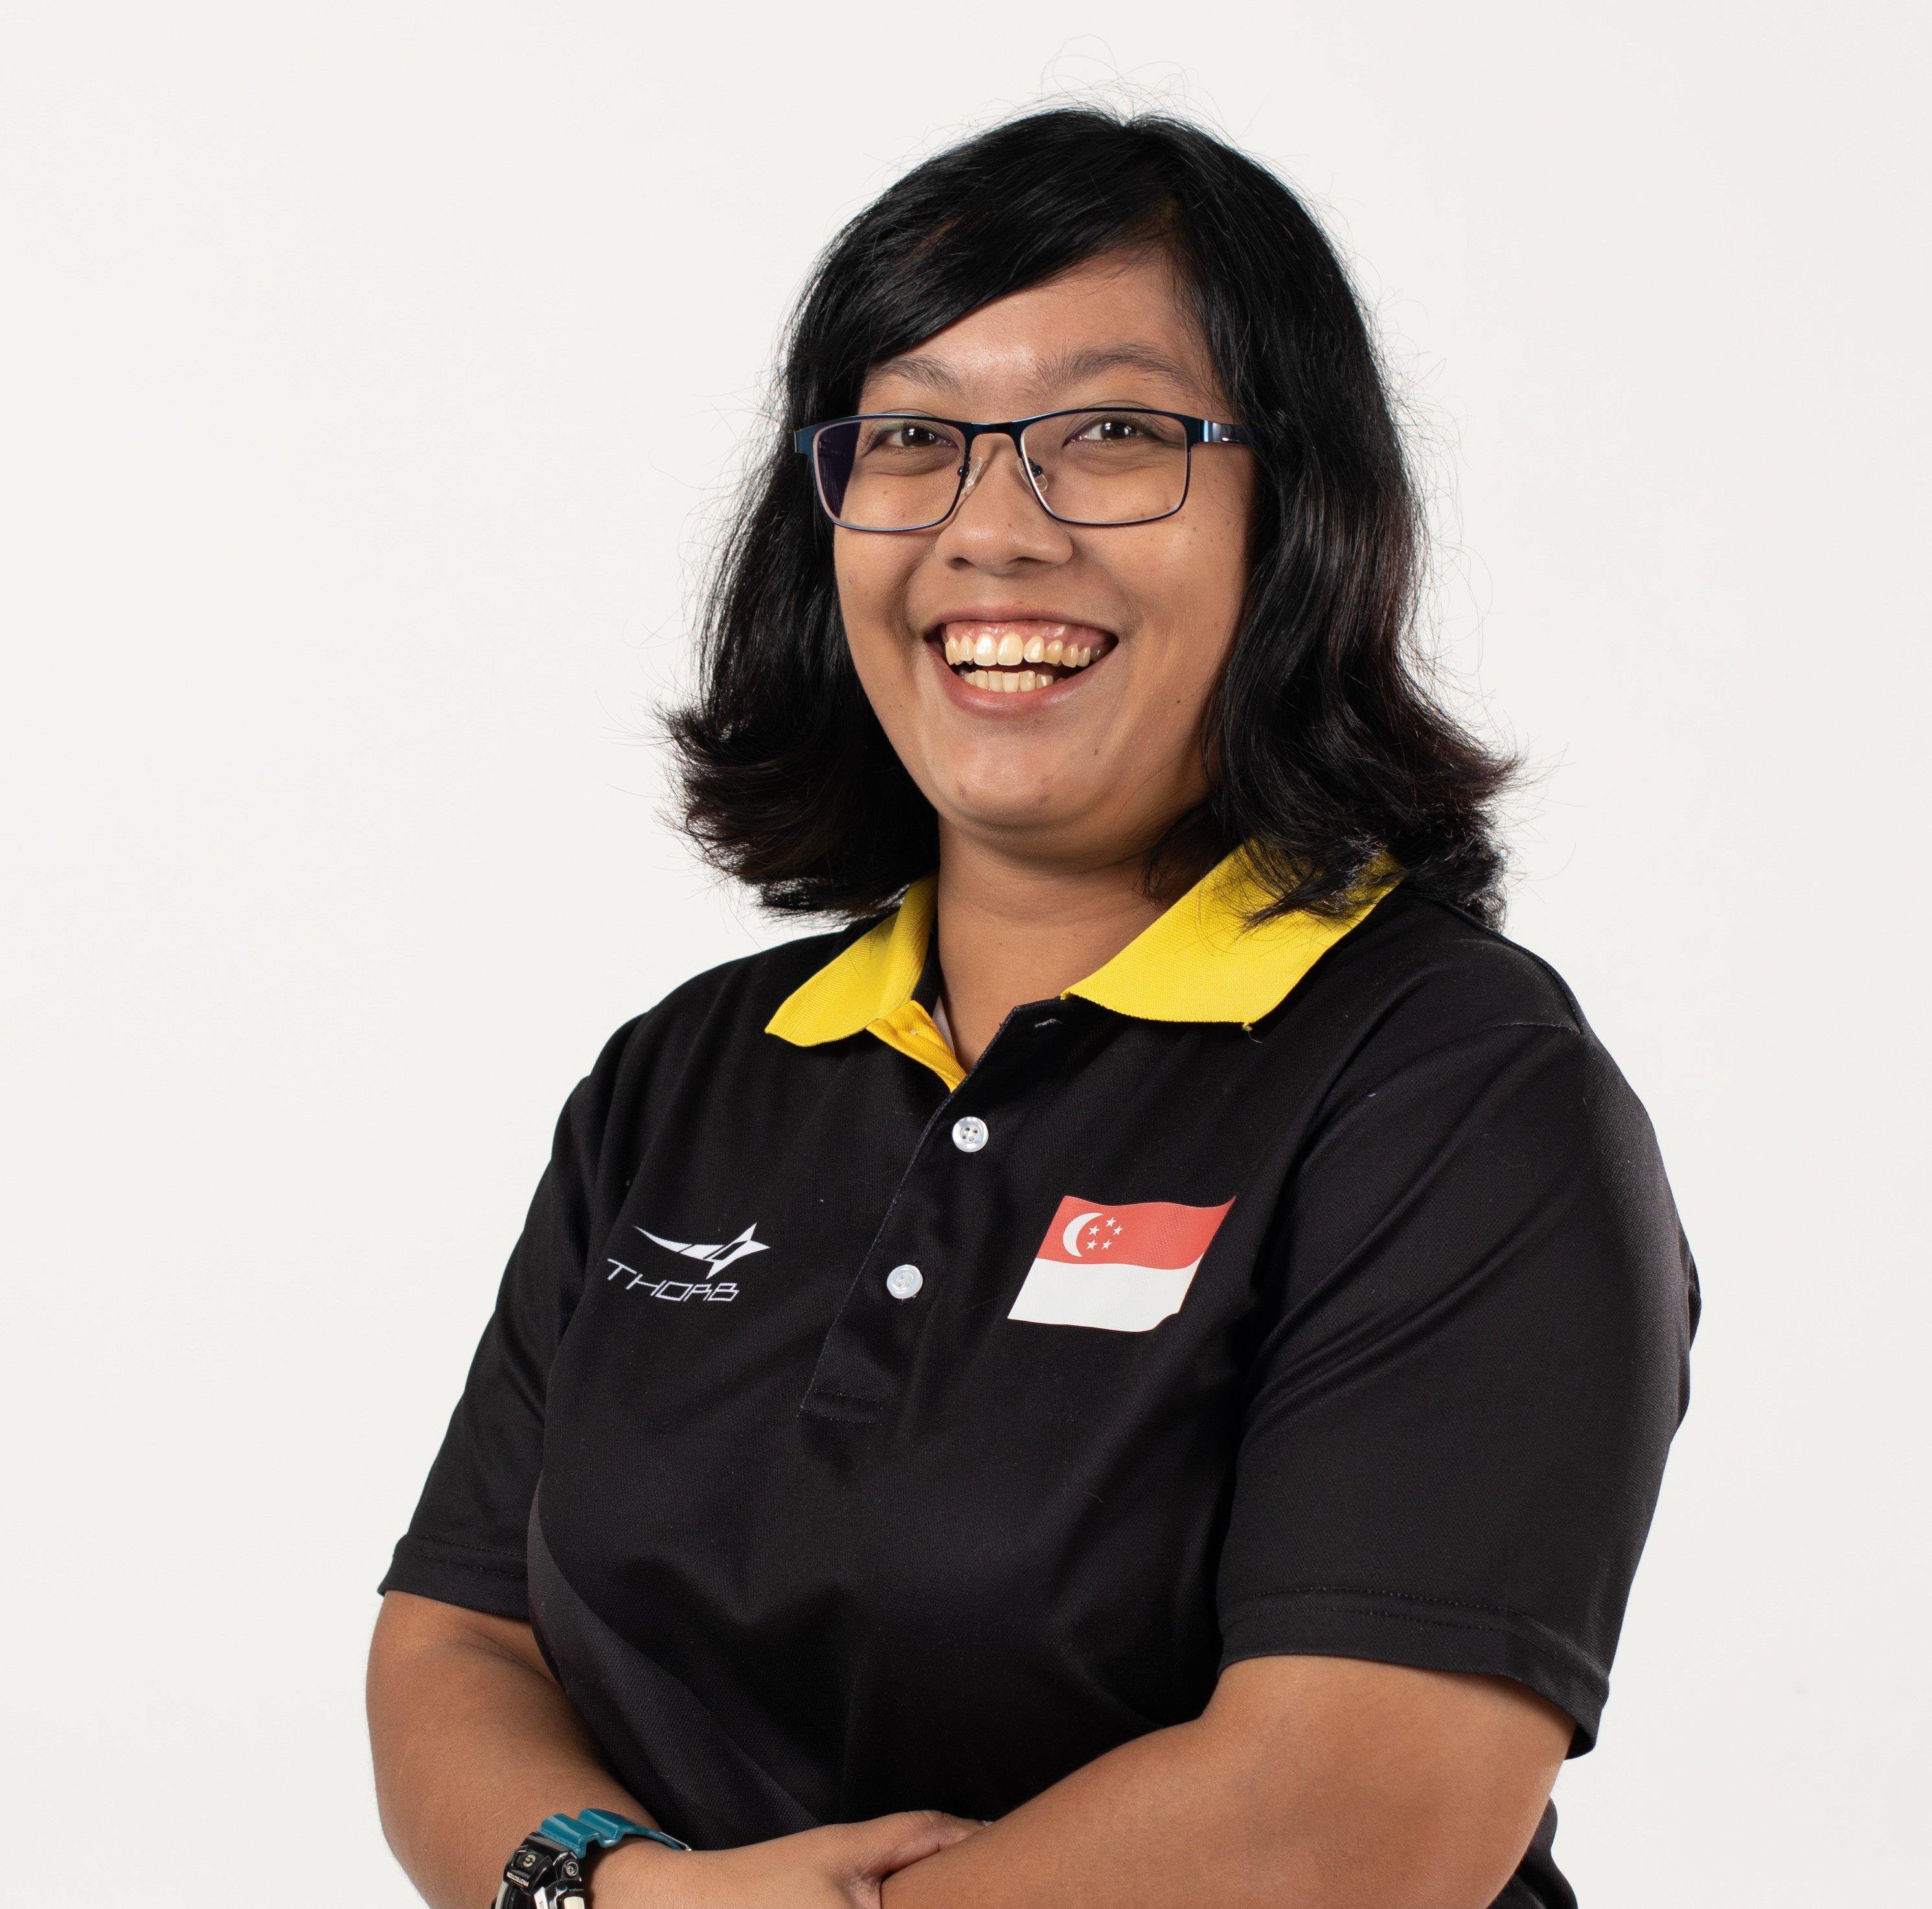 Nur Syahidah Alim_2020_credit Singapore Disability Sports Council